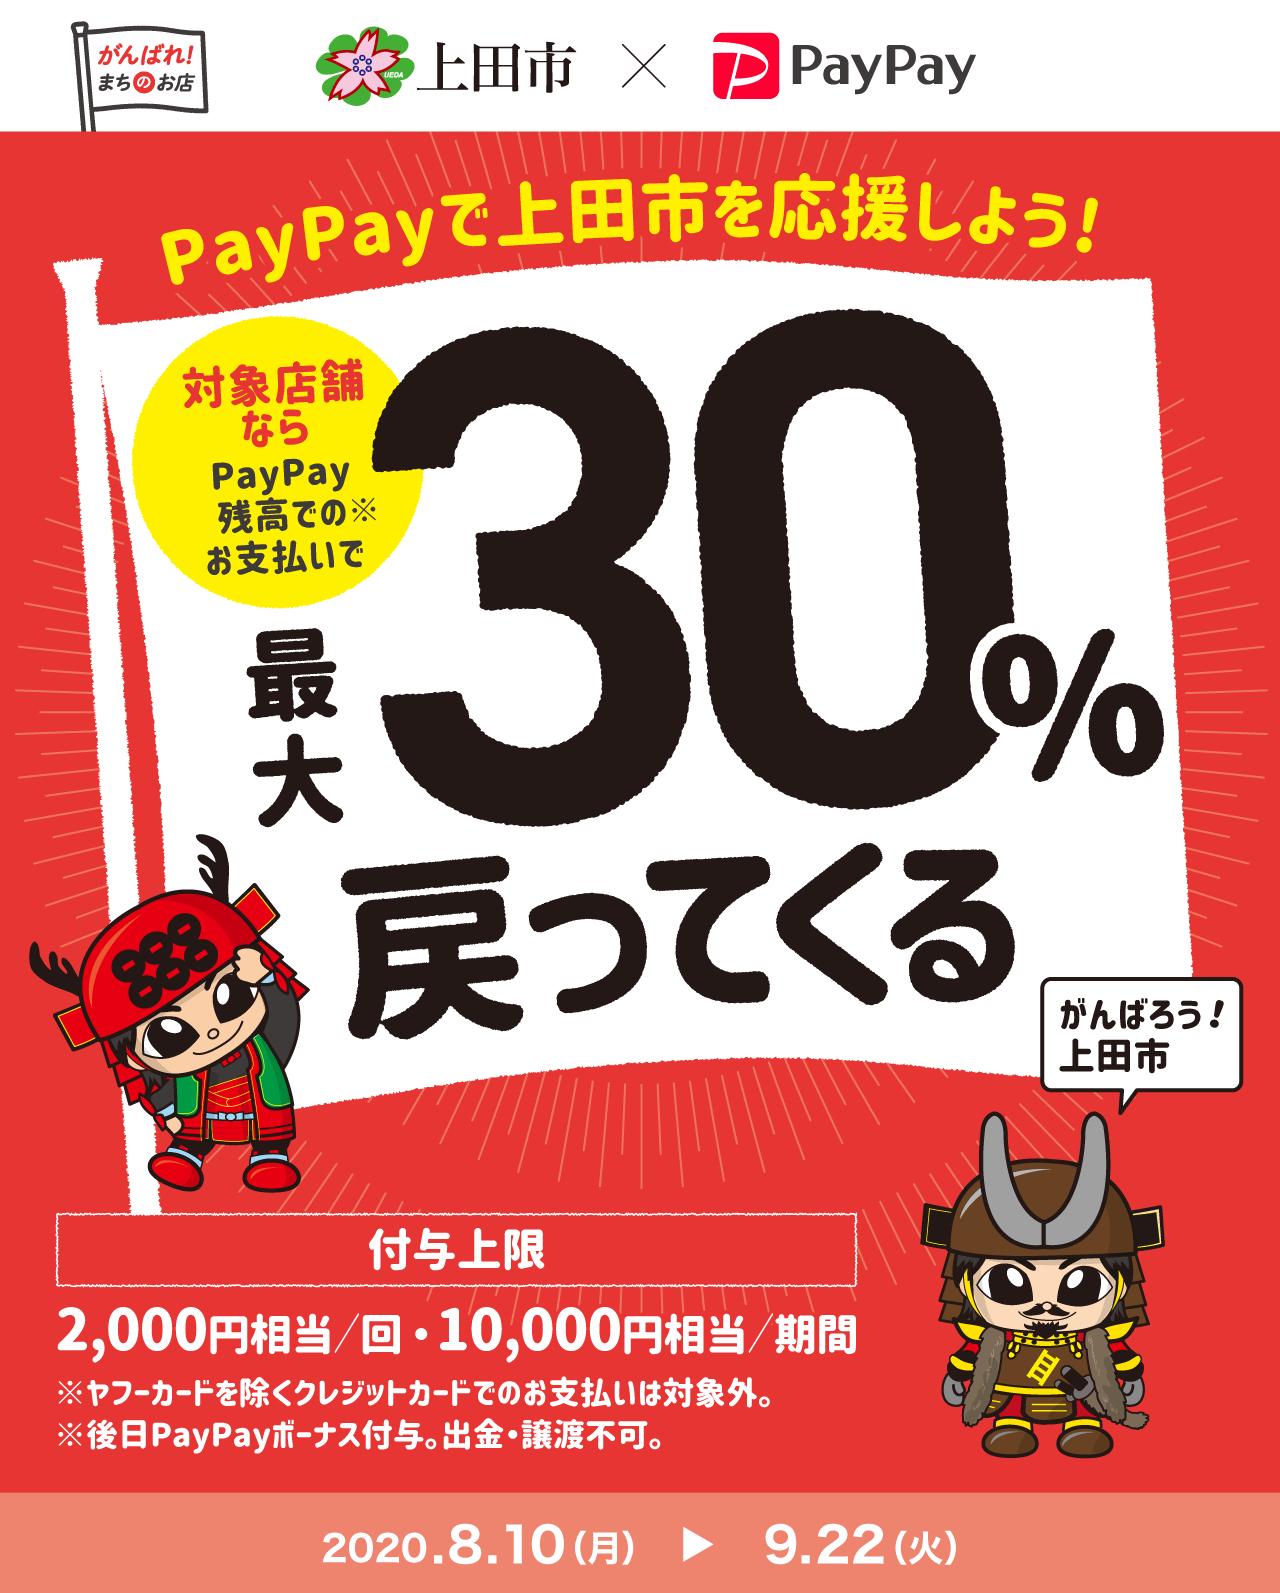 PayPayで上田市を応援しよう! 対象店舗ならPayPay残高でのお支払いで 最大30%戻ってくる